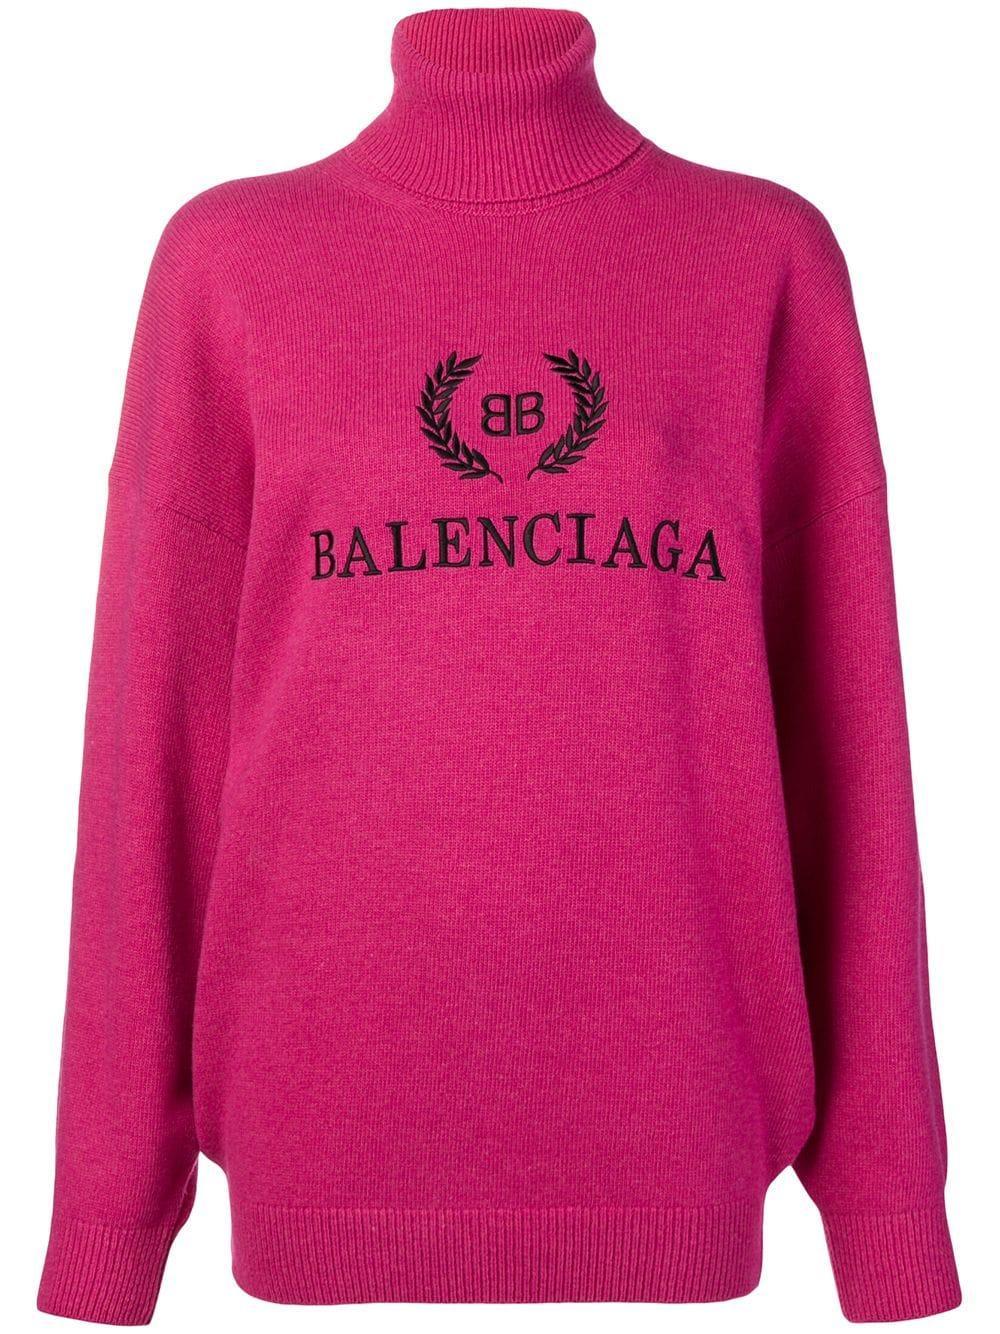 Balenciaga свитер с высокой горловиной и вышивкой логотипа